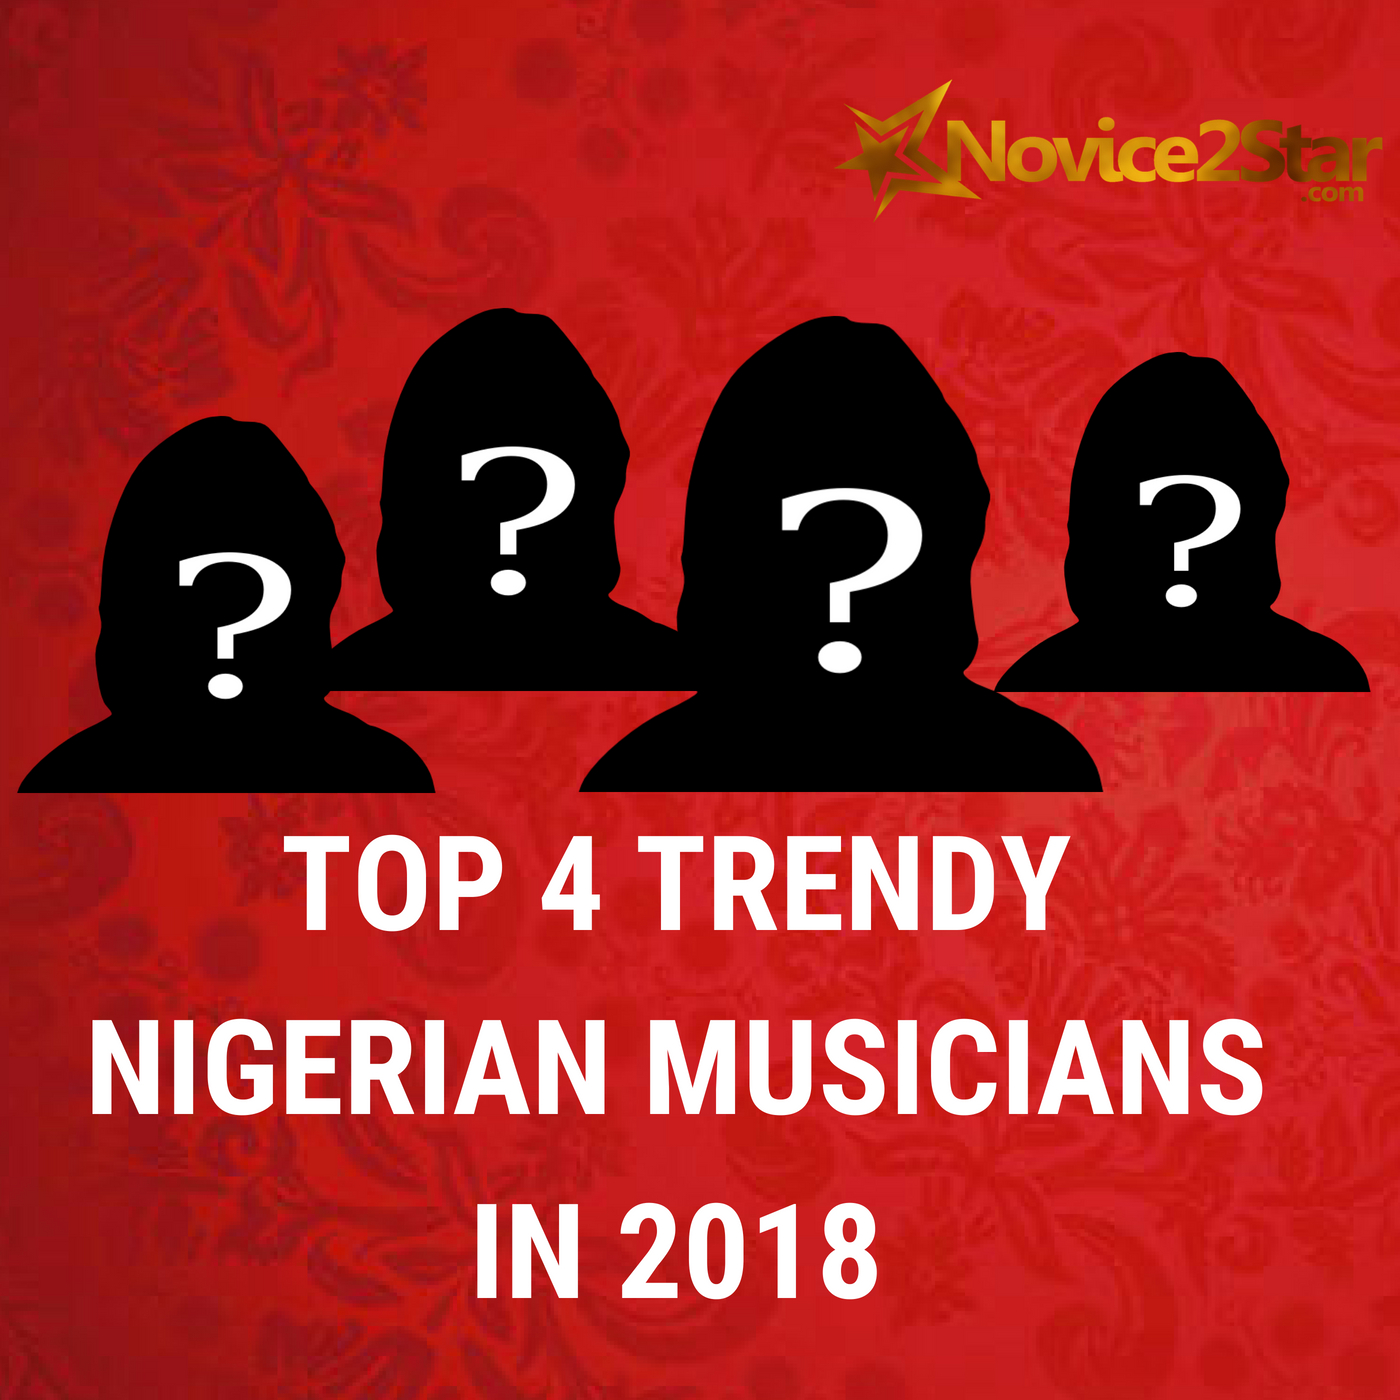 Top 4 Trendy Nigerian Musicians In 2018